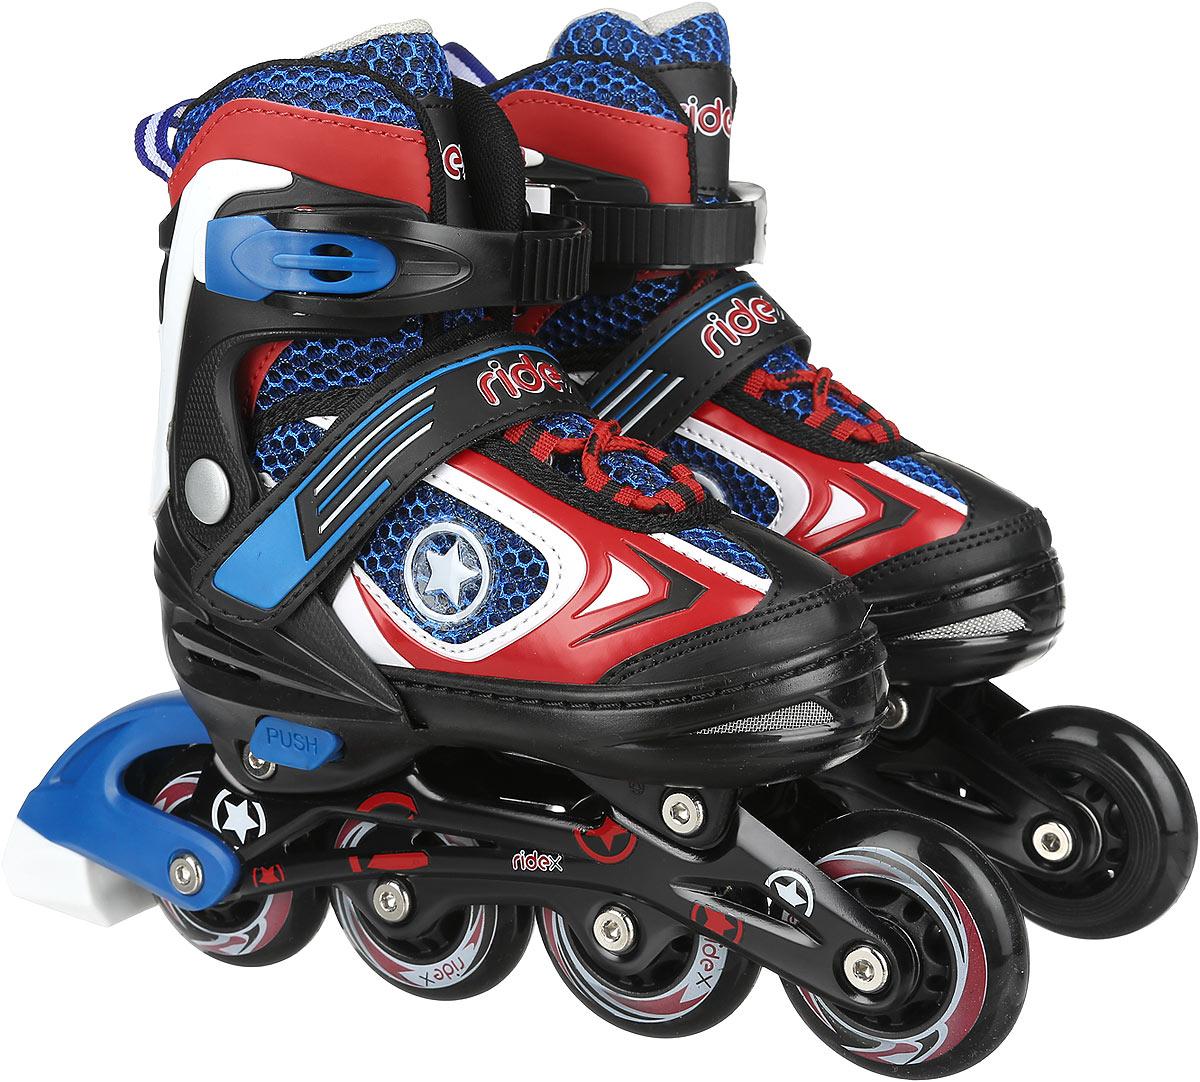 Коньки роликовые Ridex Defender, раздвижные, цвет: черный, синий, красный. УТ-00008107. Размер 38/41 - Ролики